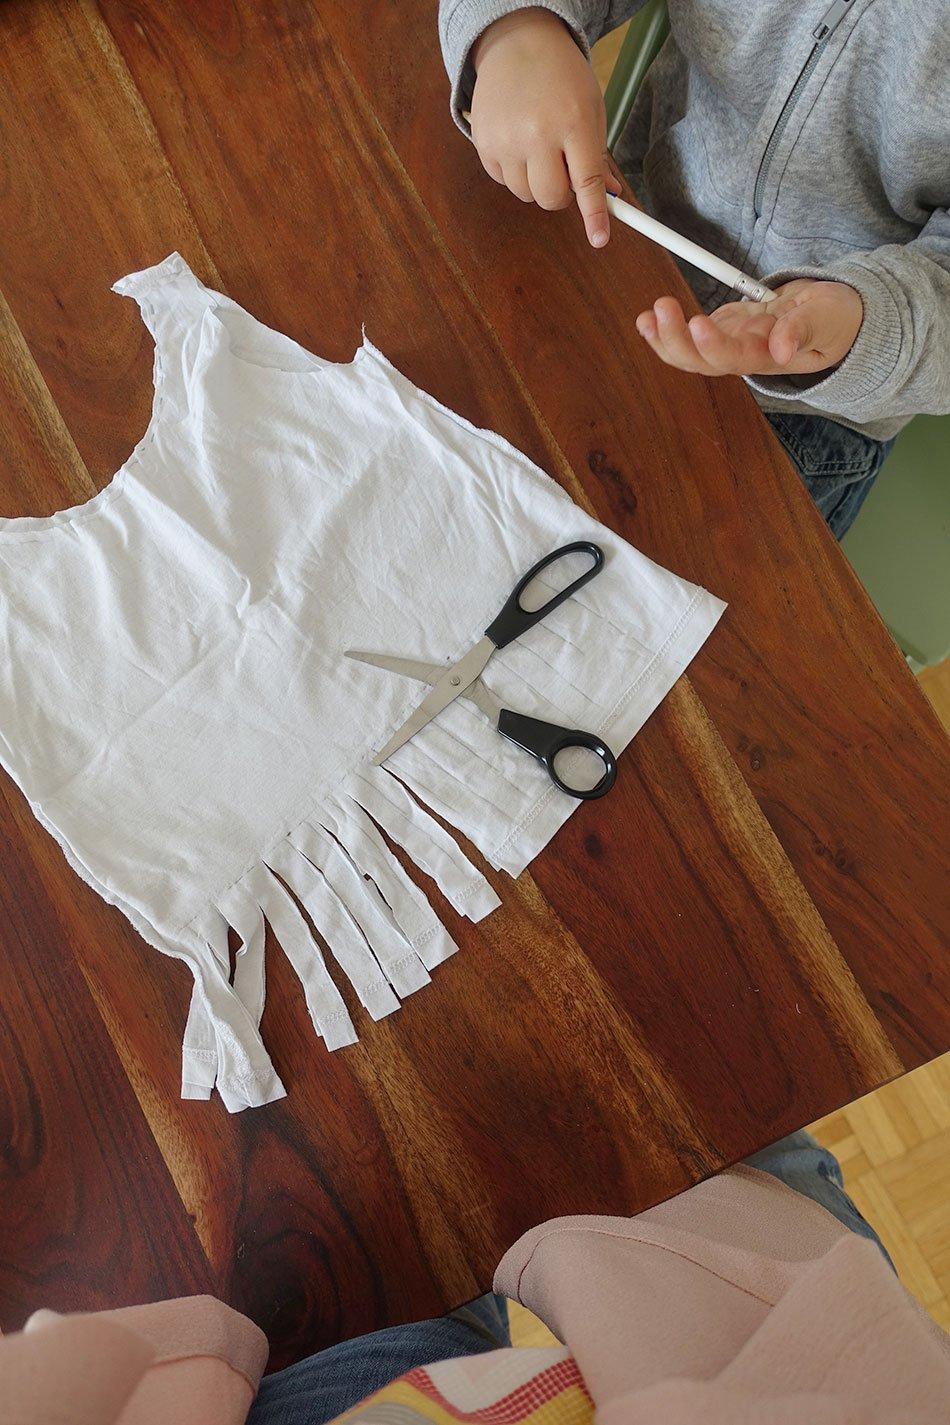 Guide, DIY; Children, craft, bag, knot, shopping net